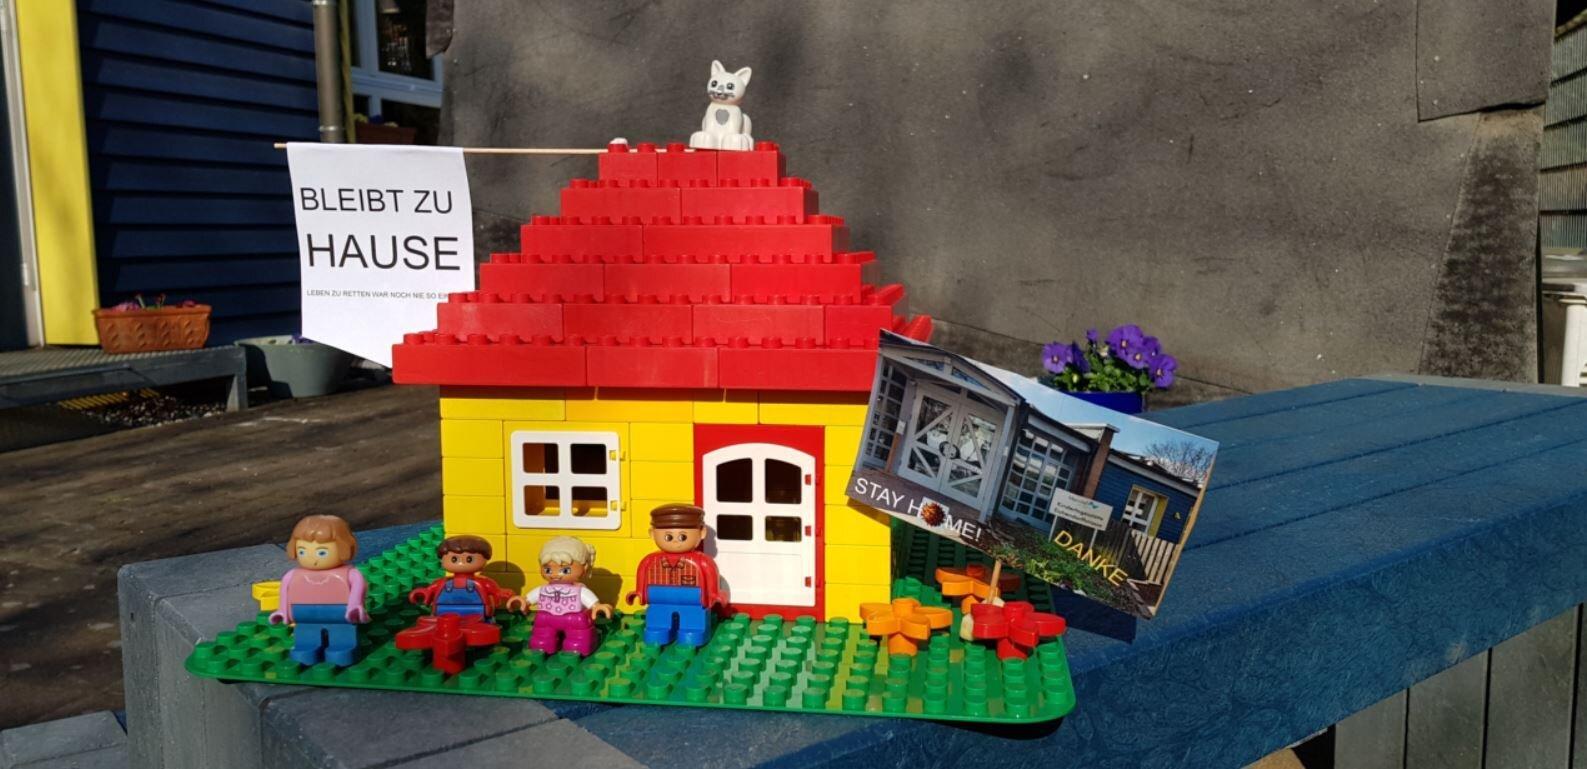 Bild zeigt ein Legohaus